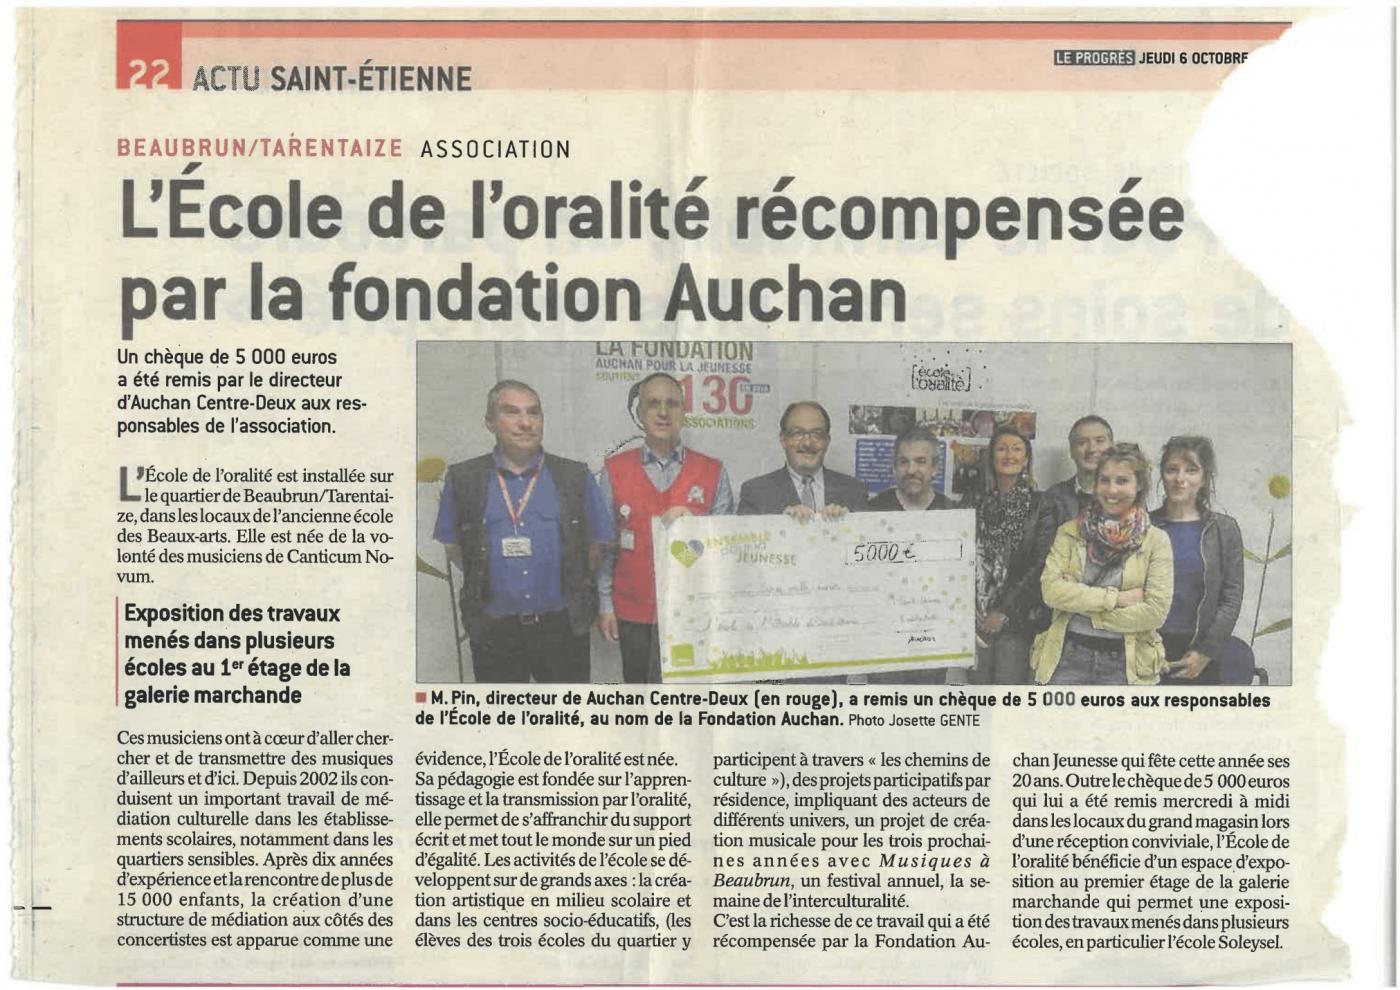 article : L'école de l'oralité récompensée par la fondation Auchan